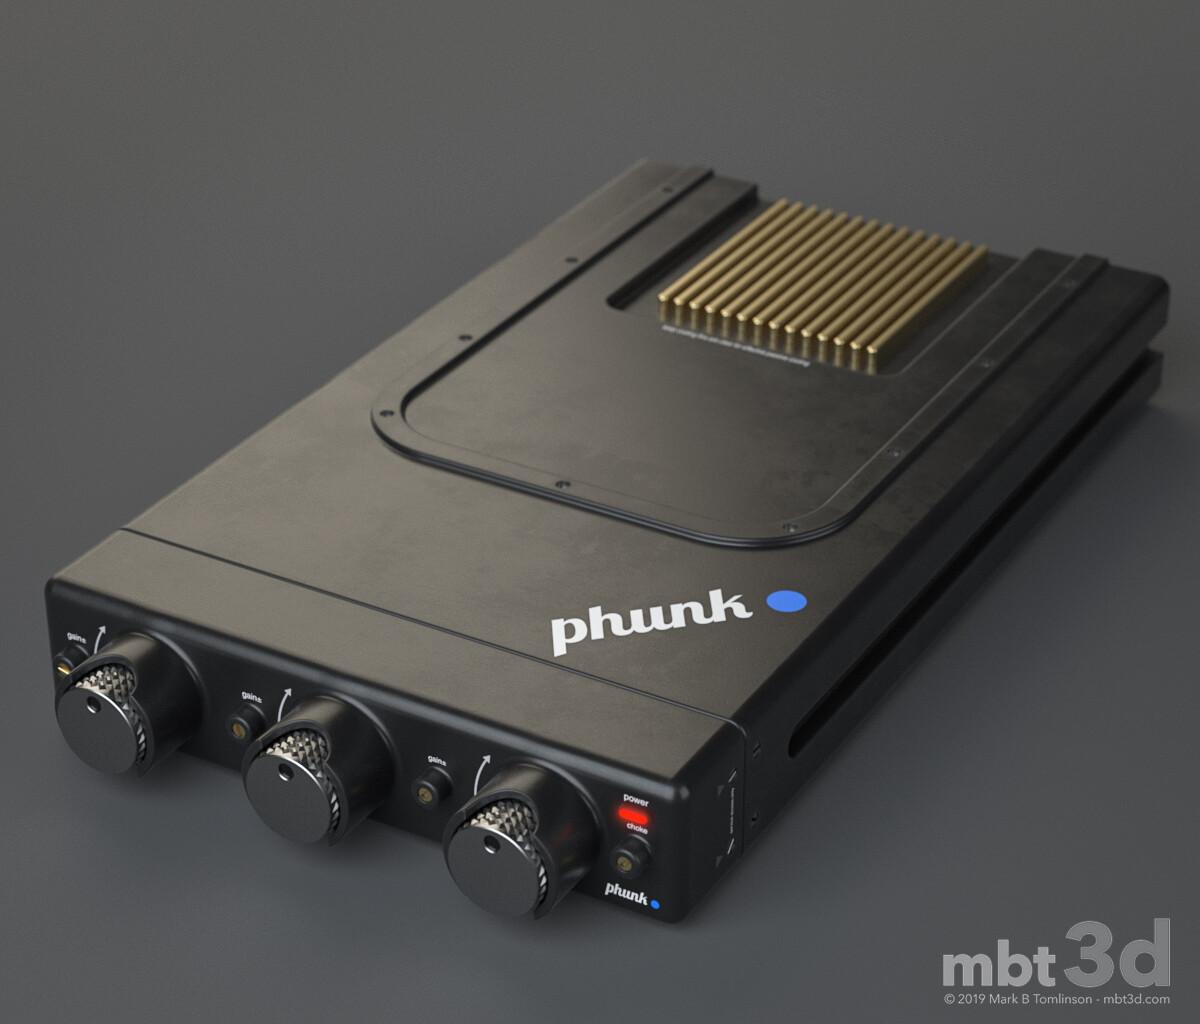 phunk: